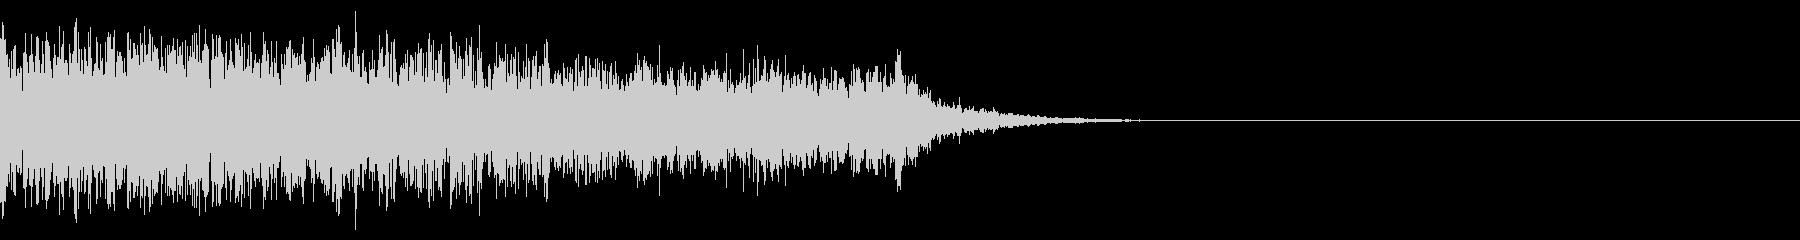 ウィンドチャイムとクワイアの効果音の未再生の波形